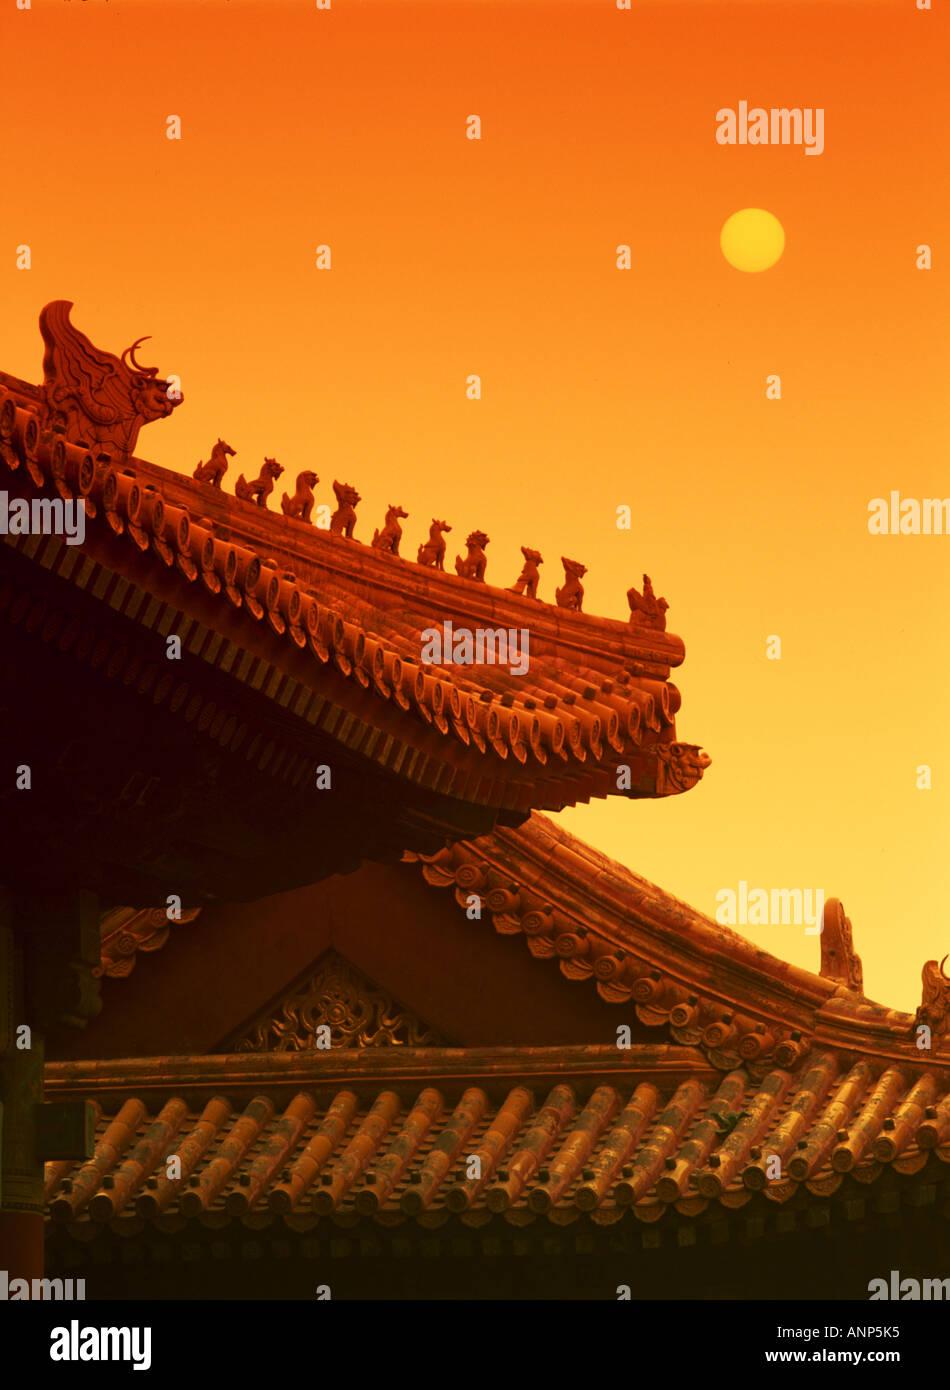 Ângulo Baixo vista do telhado de um templo chinês Imagens de Stock